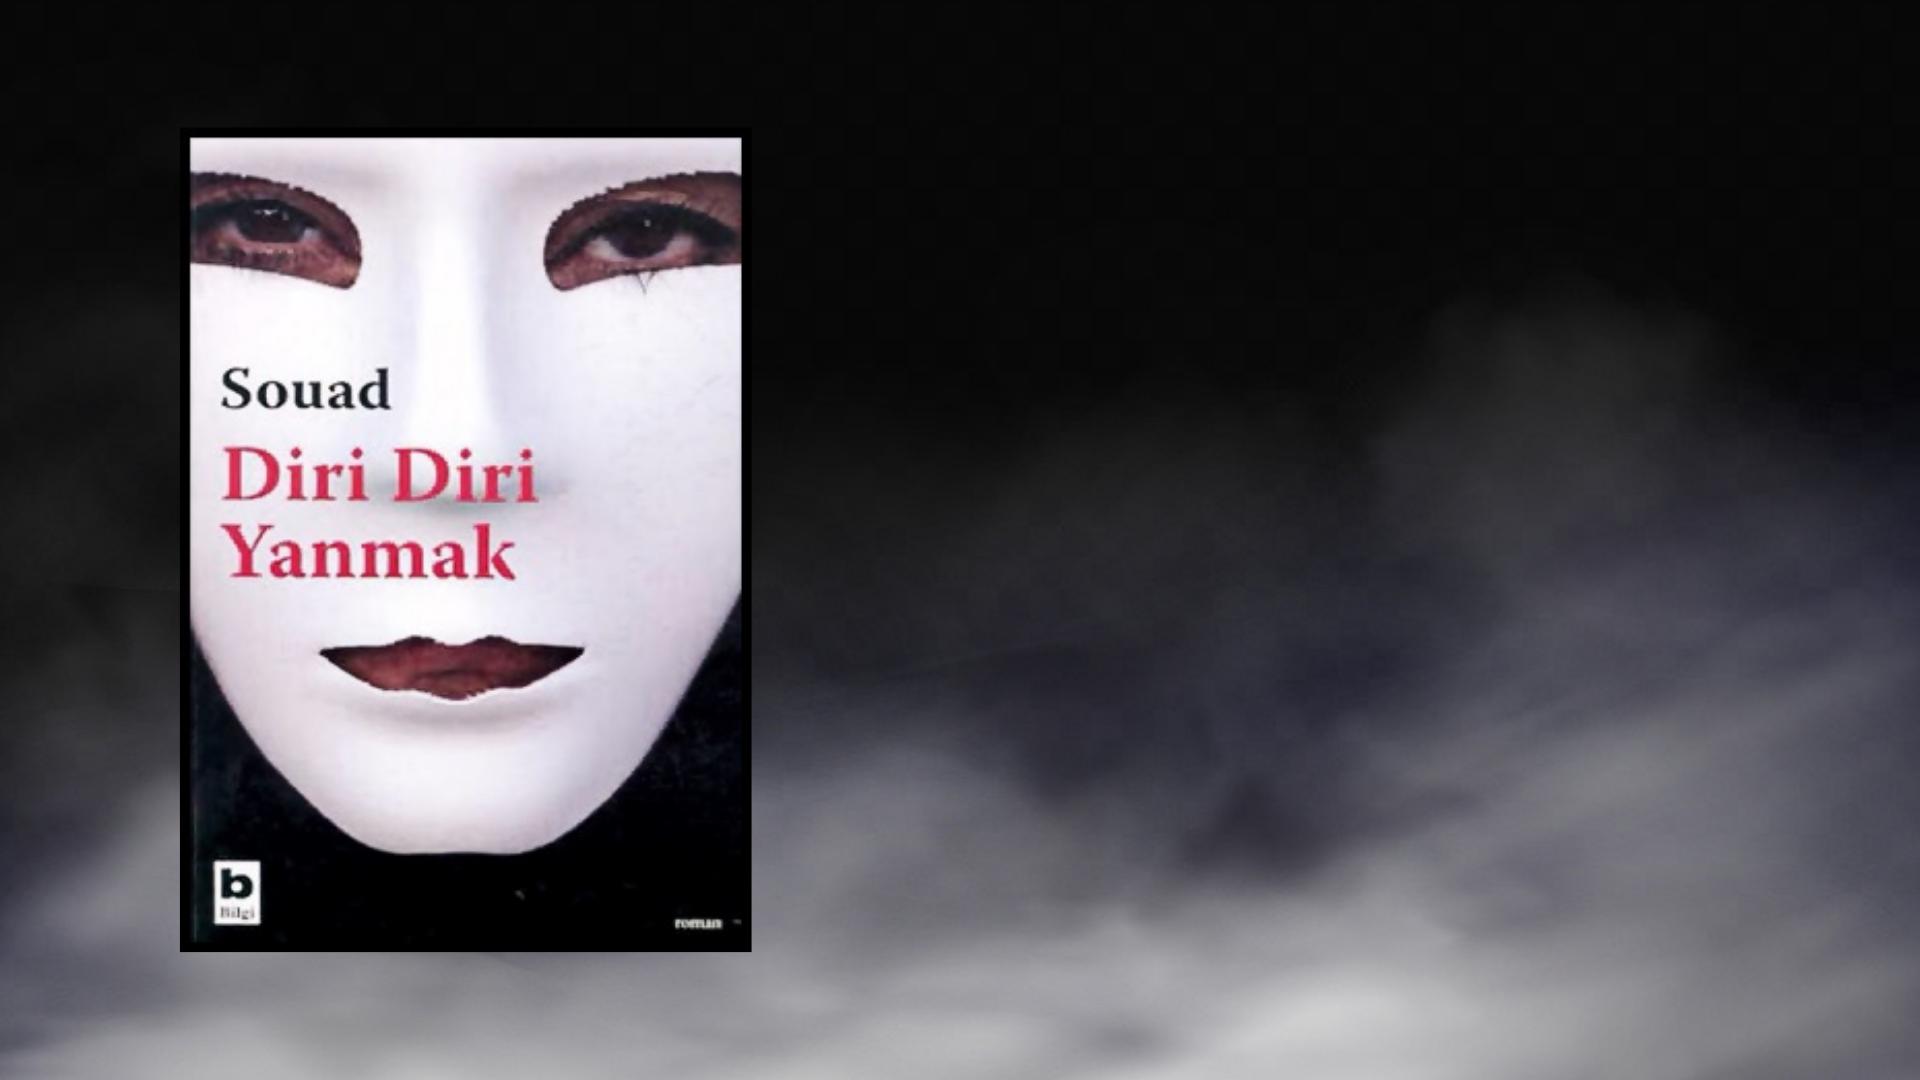 Kitap: Diri Diri Yanmak | Yazar: Souad | Yorumlayan: Kübra Mısırlı Keskin